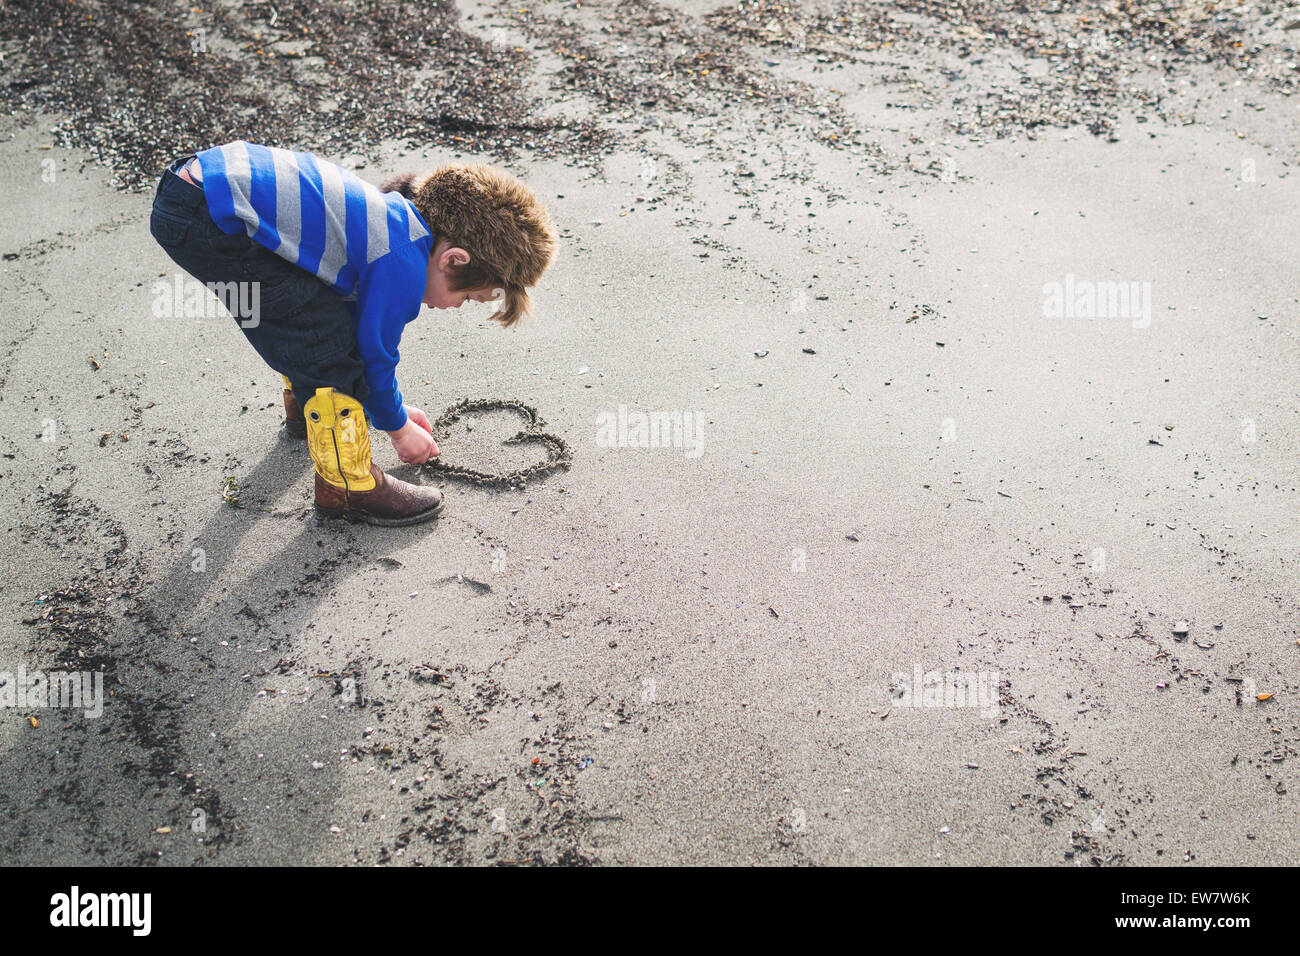 Chico en botas vaqueras y Sombrero de mapache dibujando un corazón en la arena Imagen De Stock